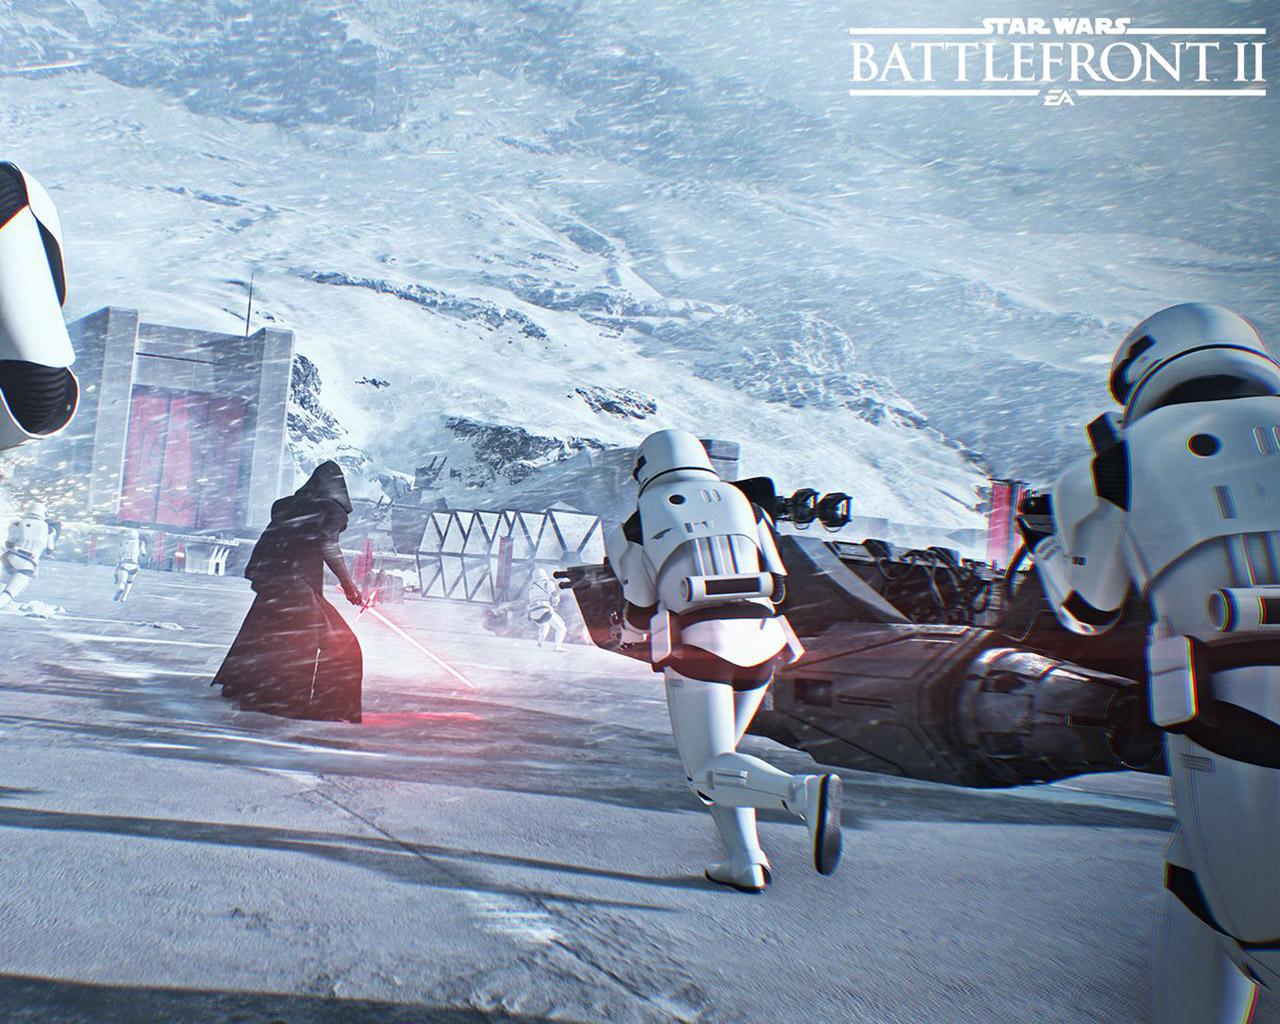 Free Star Wars: Battlefront II Wallpaper in 1280x1024